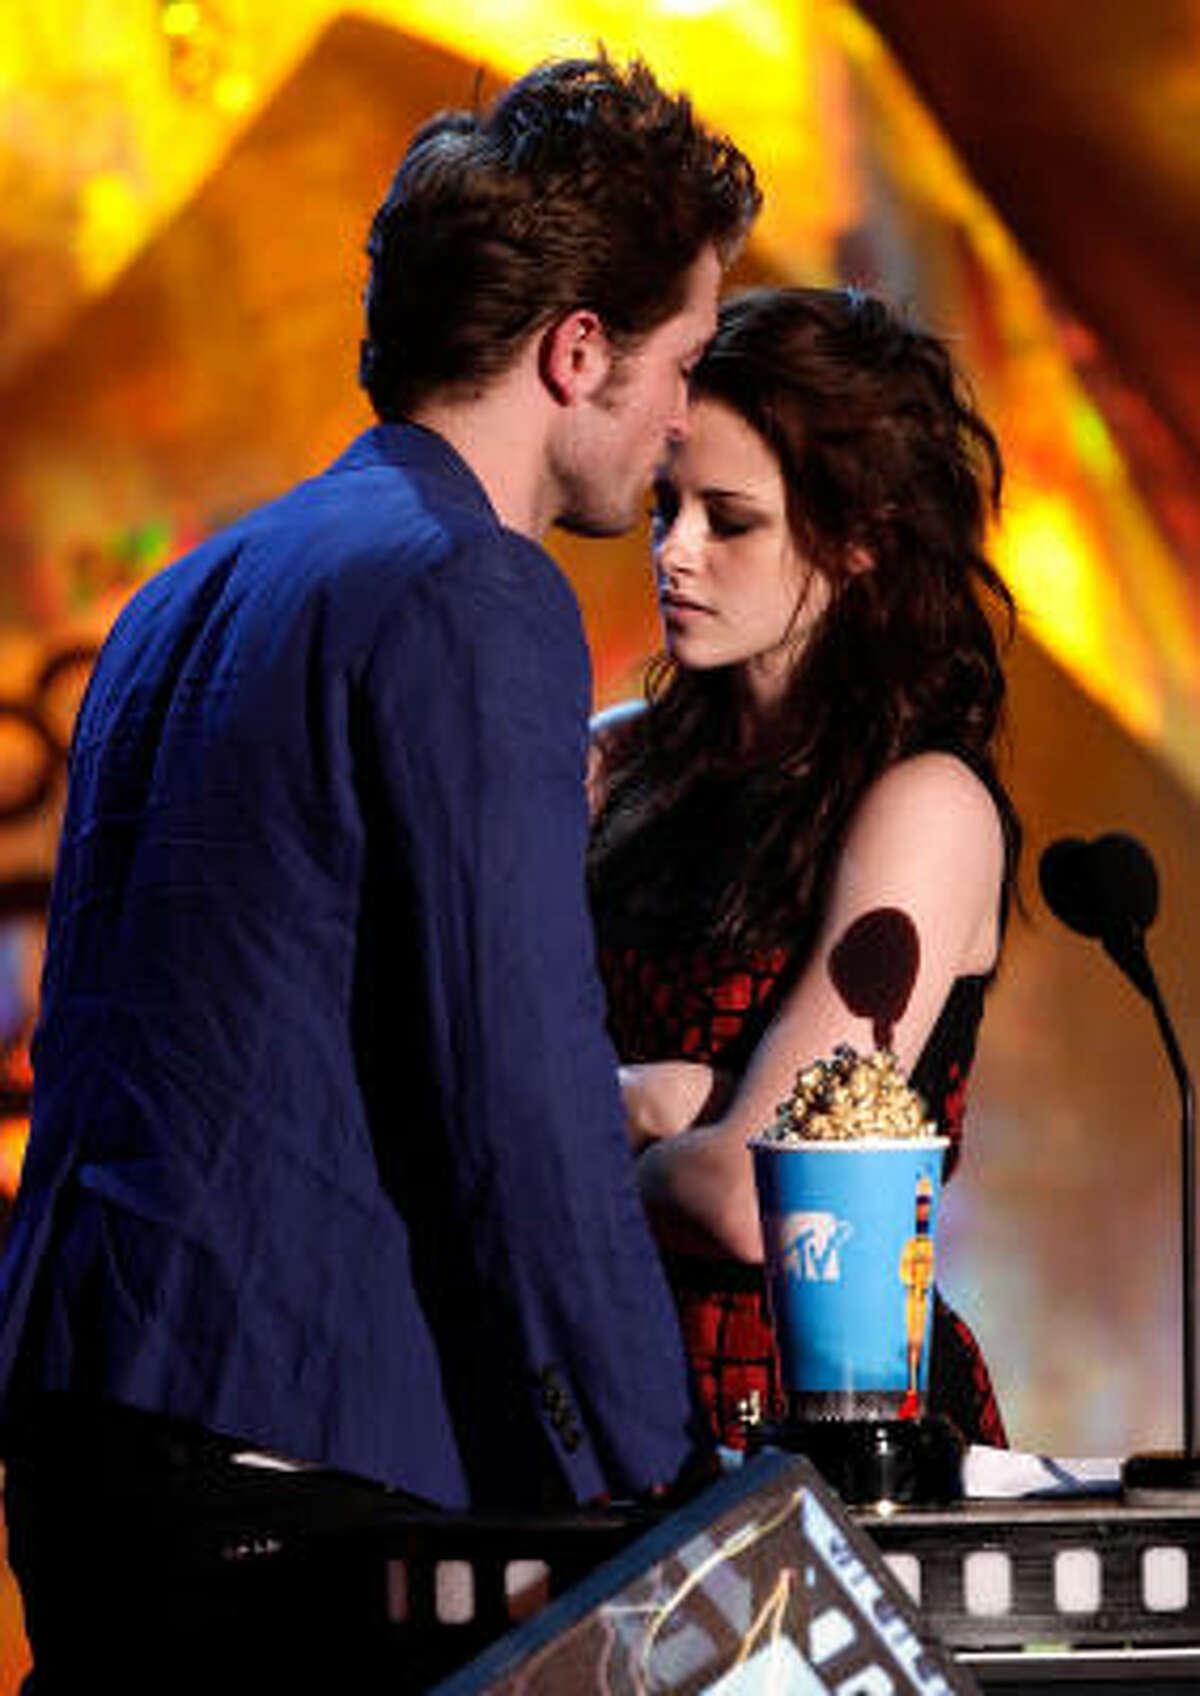 Robert Pattinson Kristen Stewart accept the Best Kiss award for Twilight.